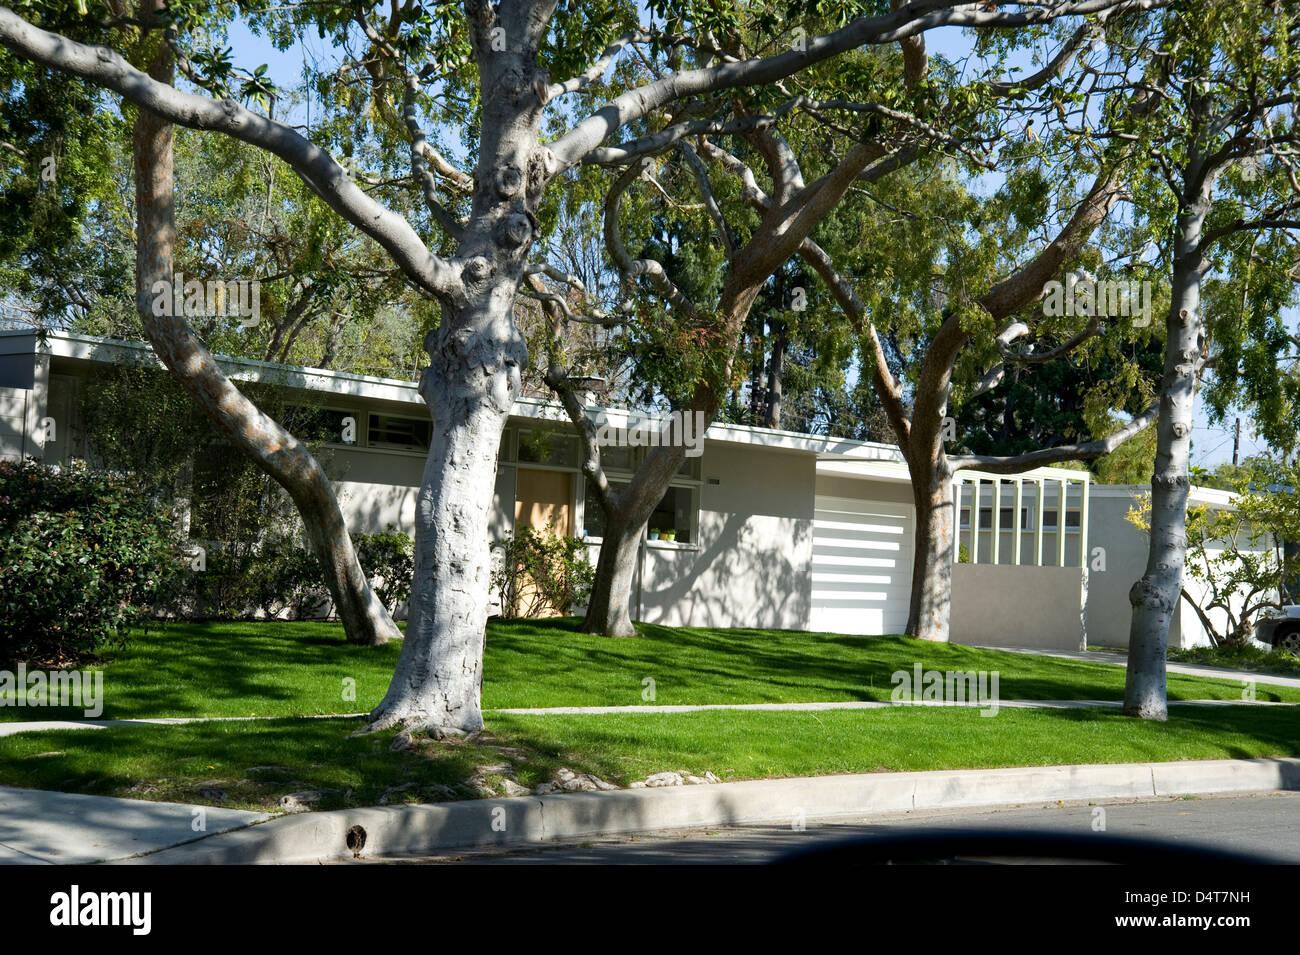 GroBartig Fallstudie Haus 1960 Zur Mitte Des Jahrhunderts Moderne Architektur In West  Los Angeles, Kalifornien